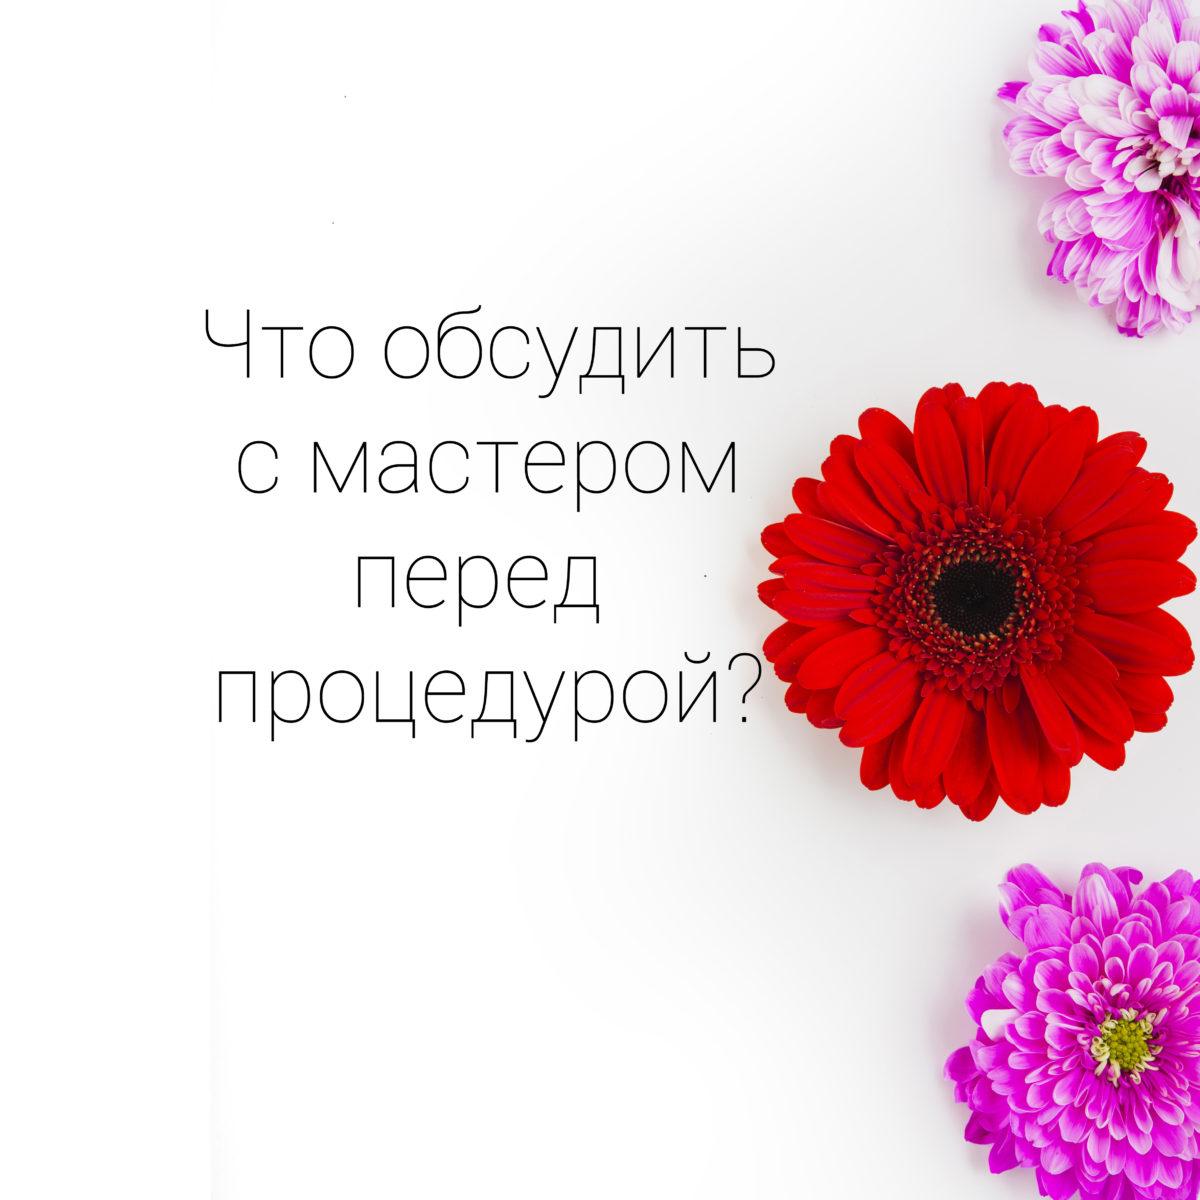 Что обсудить с мастером перед процедурой. Наращивание ресниц в Минске